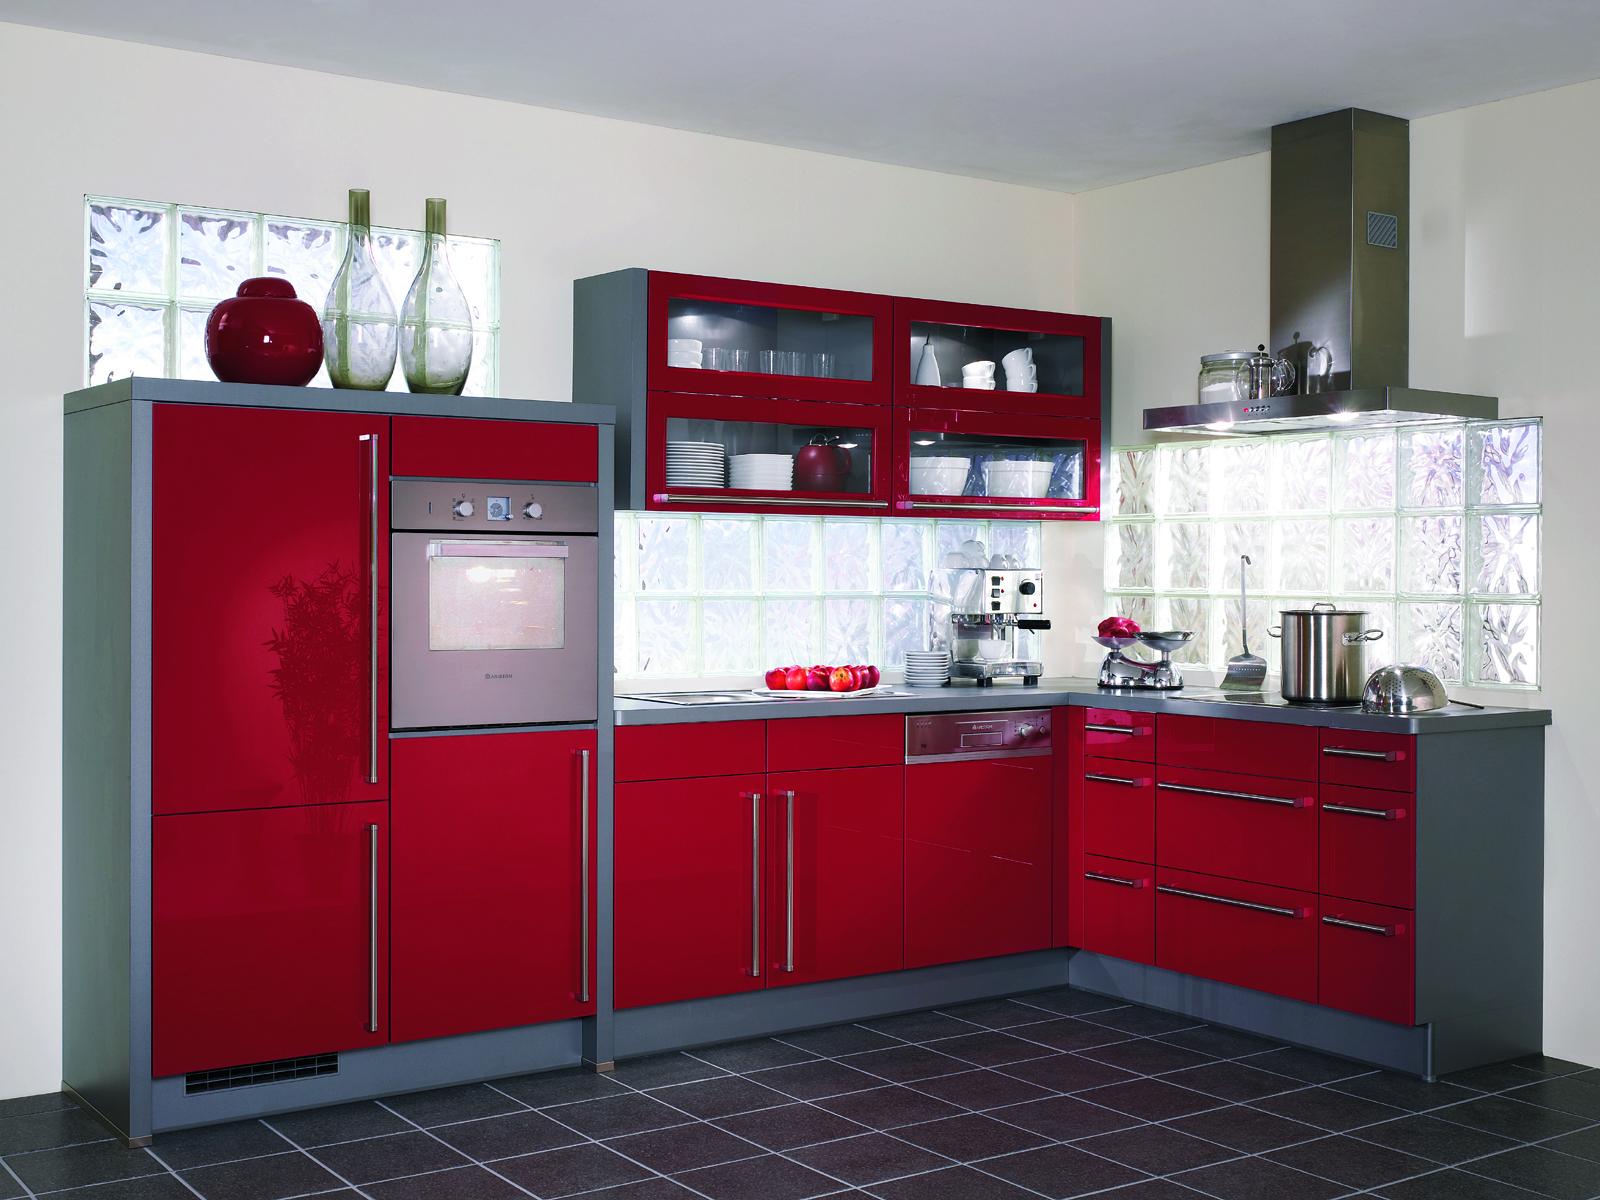 idee-cuisine-deco-cuisine-rouge-idee-cuisine-idee-cuisine-idee-cuisine-idee-cuisine-idee-cuisine-rouge